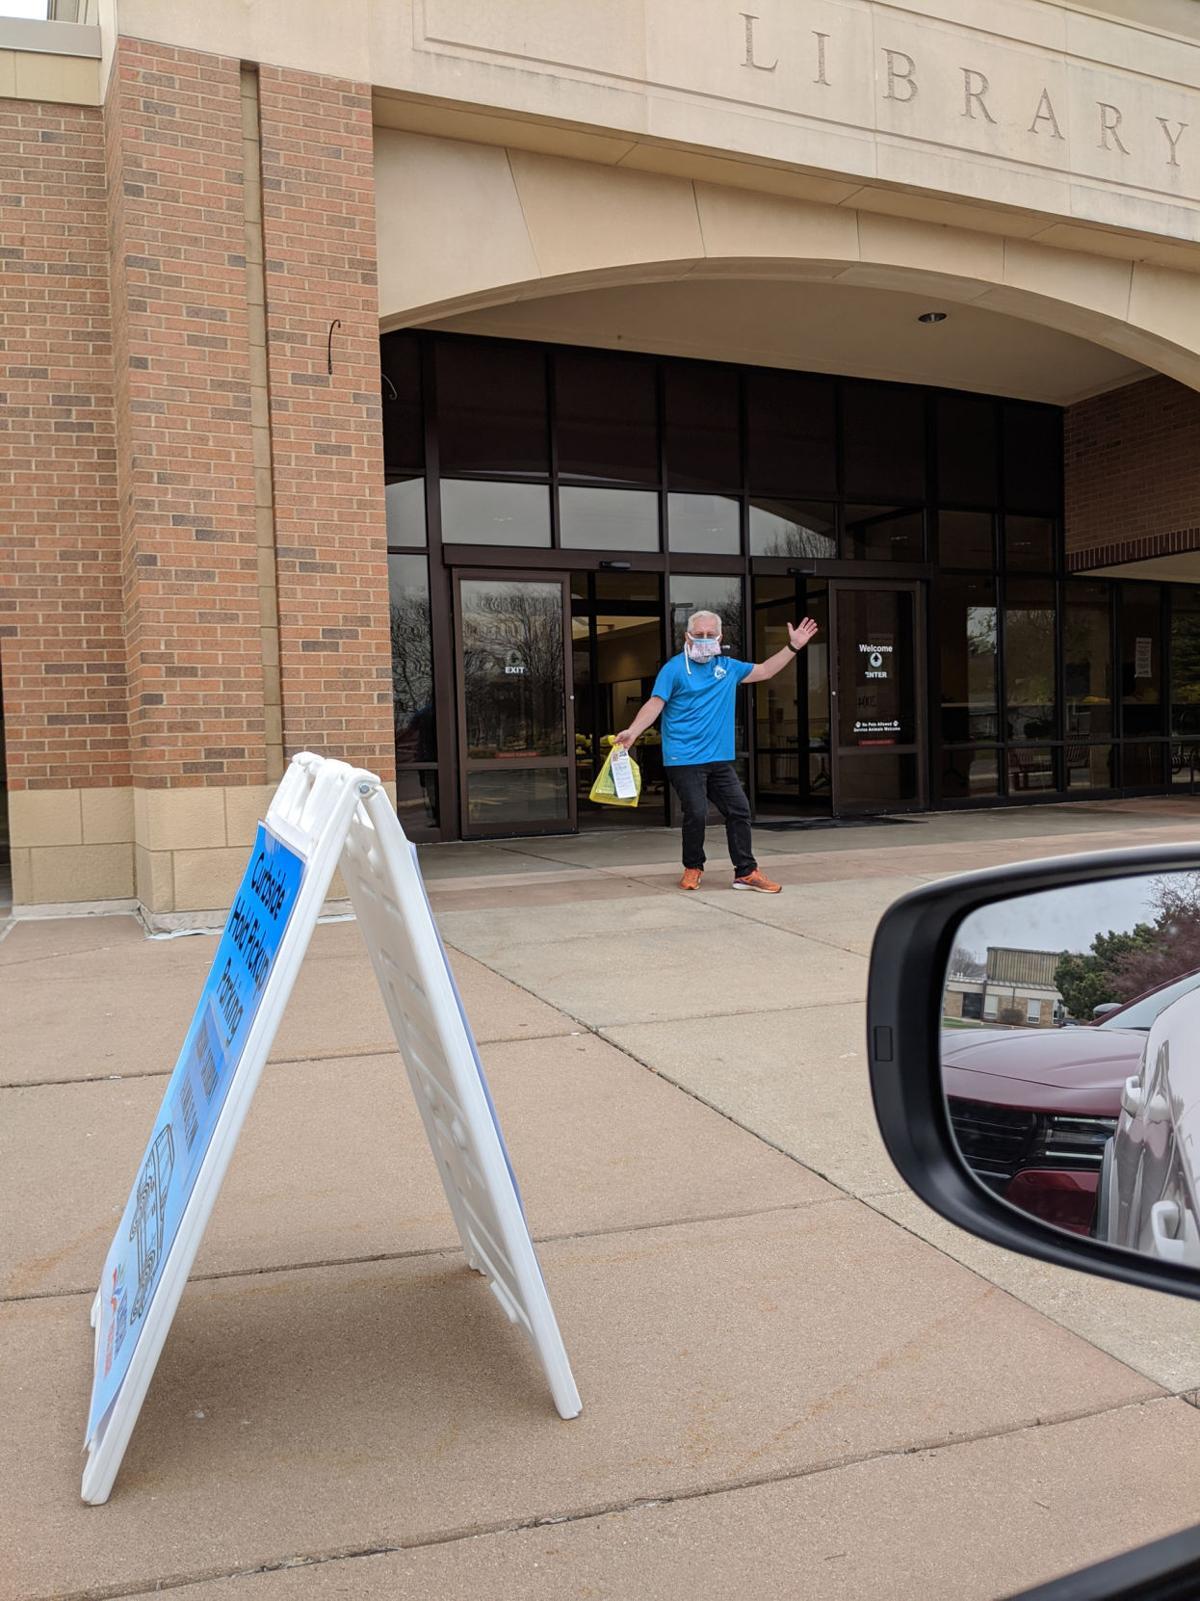 Library curbside pickup volunteer